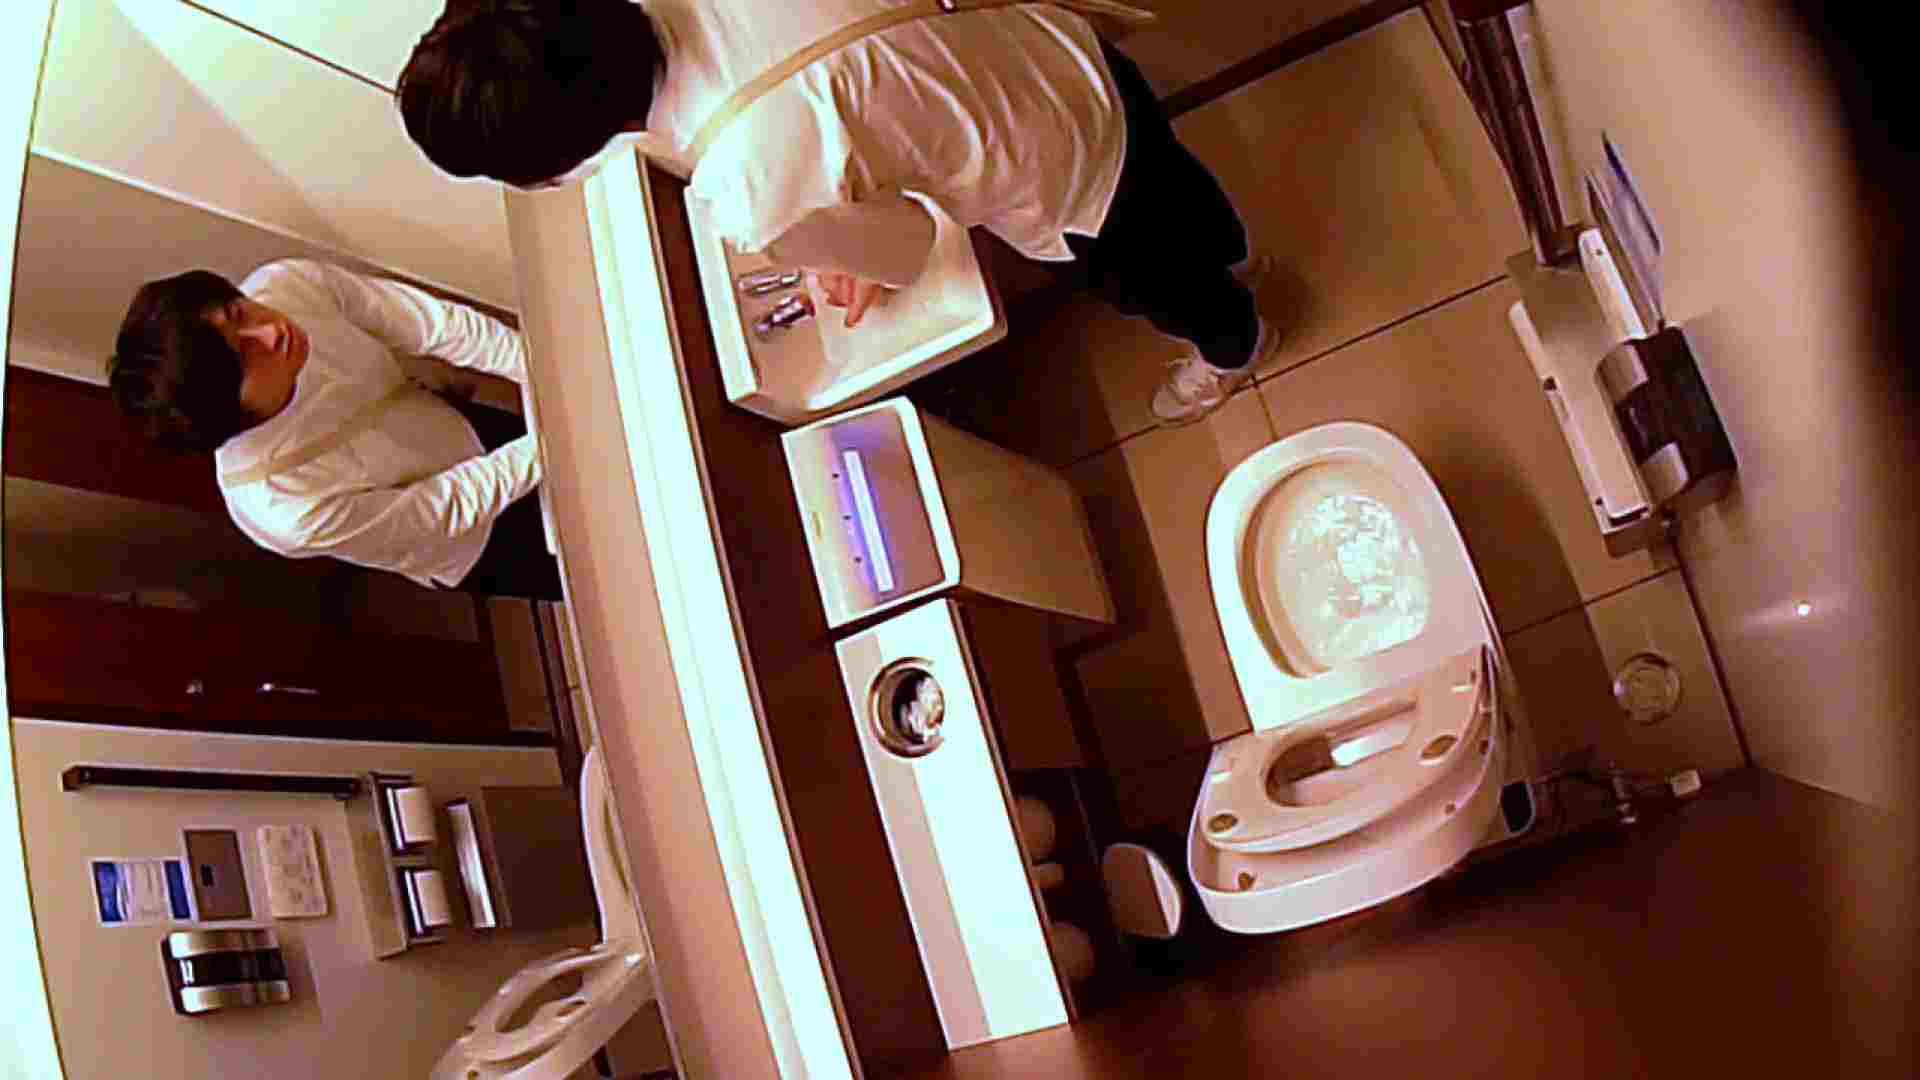 すみませんが覗かせてください Vol.32 トイレ | 0  61連発 3